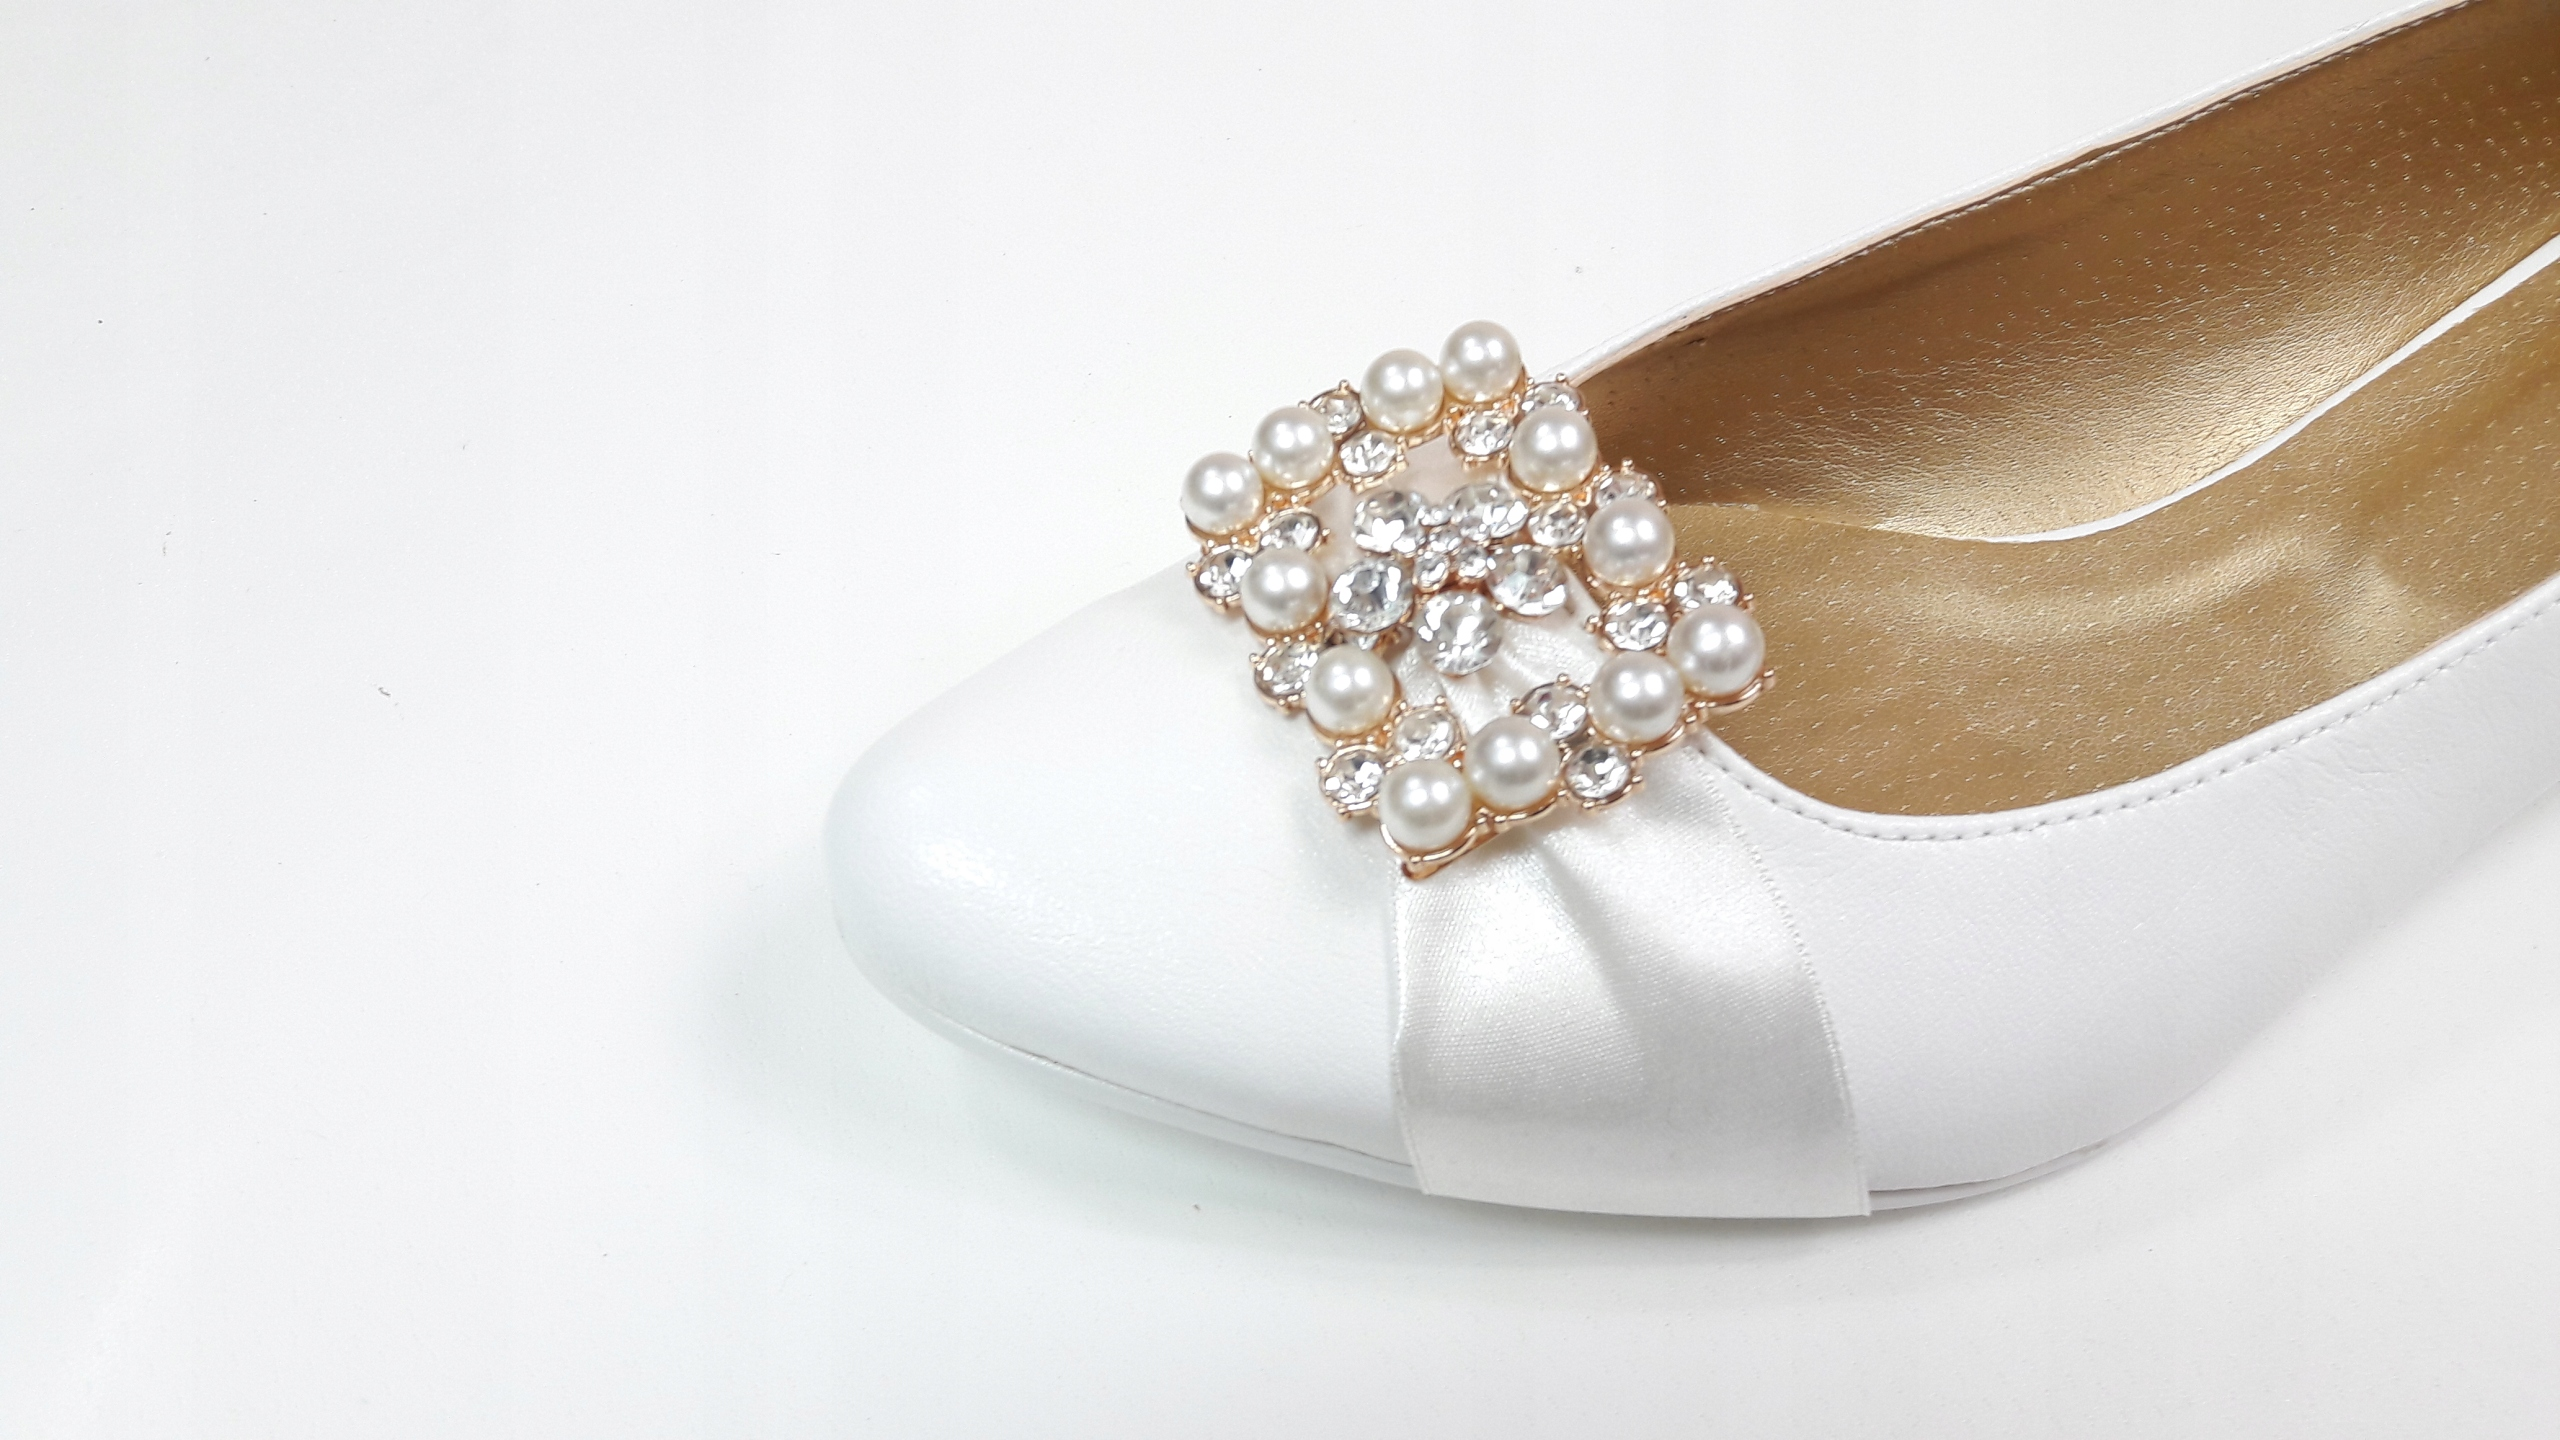 2b99fc32 buty ślubne obuwie damskie wygodne niskie IVORY 44 7641369661 - Allegro.pl